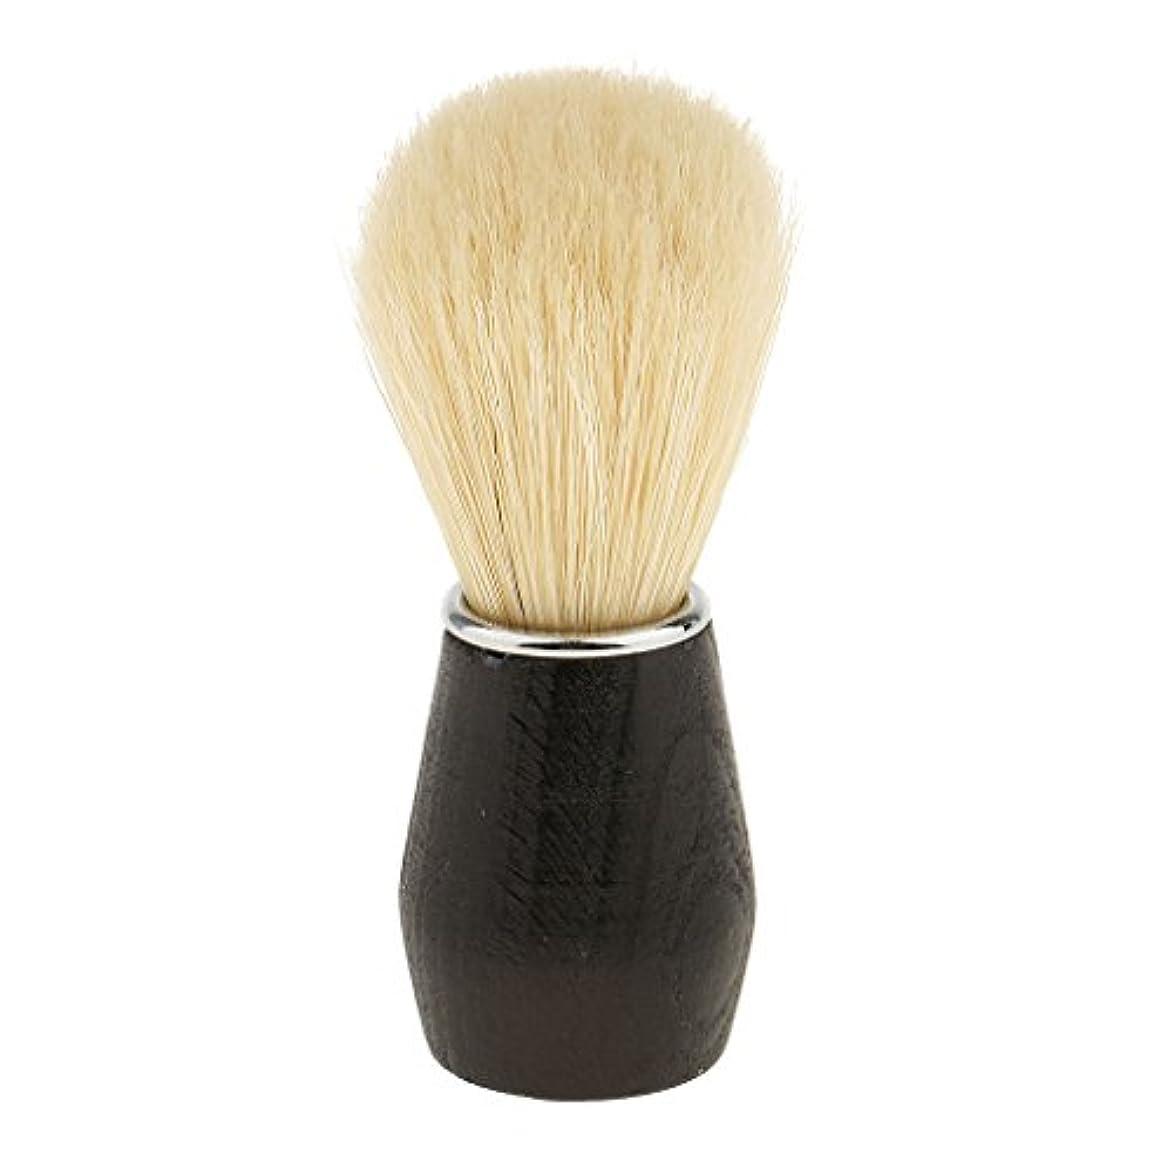 練習した学習ノーブルひげ剃りブラシ シェービングブラシ 毛髭ブラシ フェイシャルクリーニングブラシ プラスチックハンドル